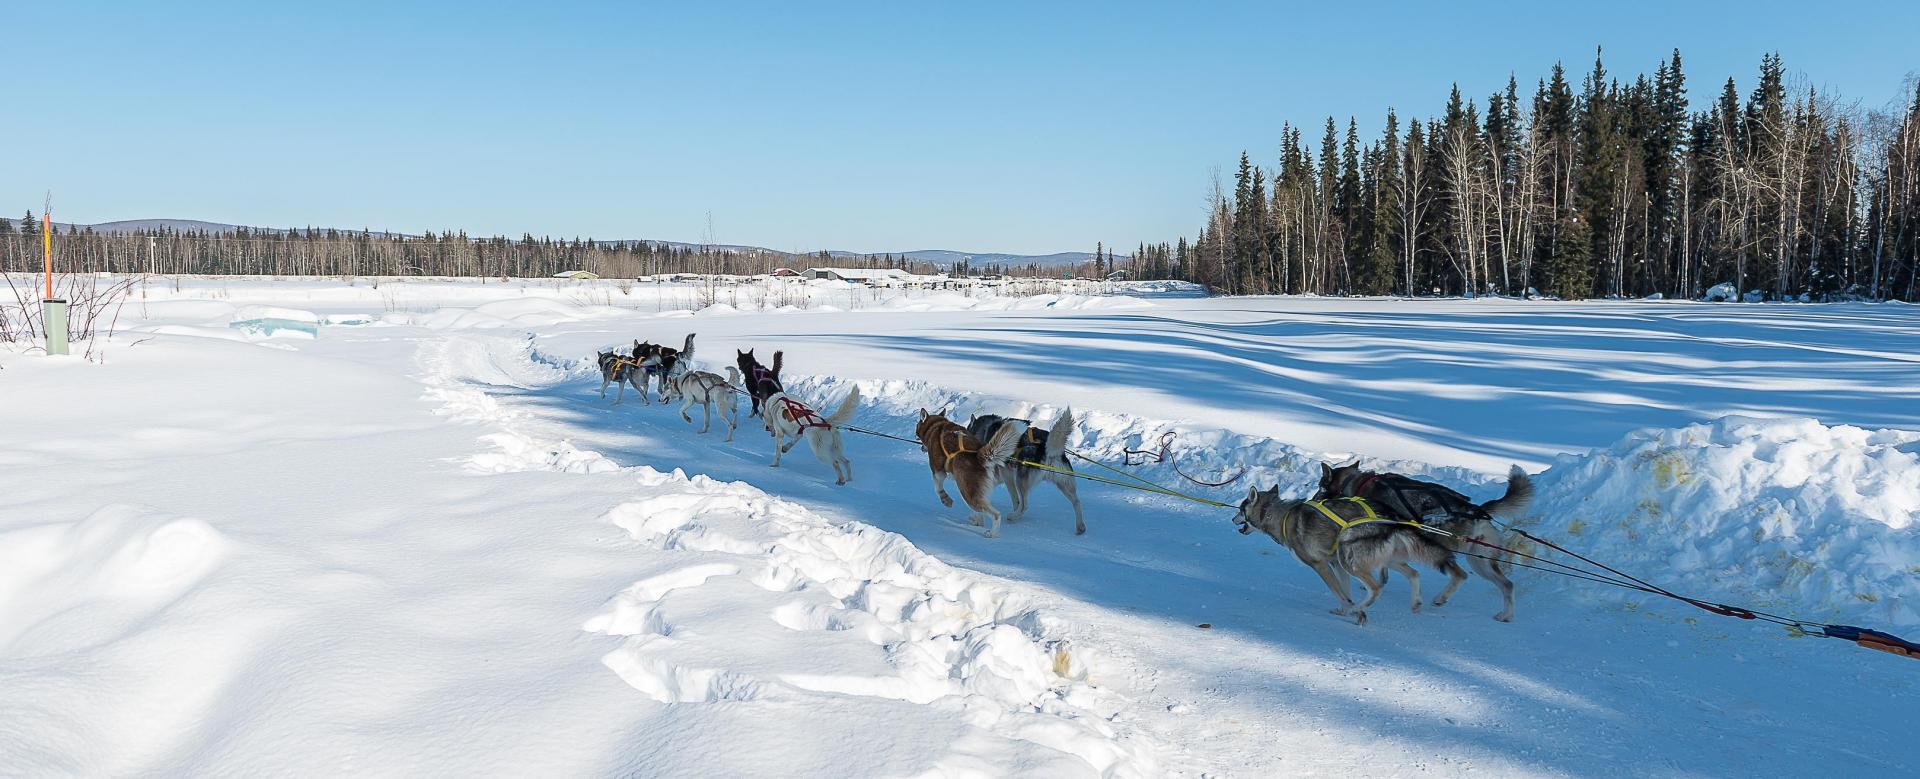 Voyage à pied : Québec : aventure en traîneau à chiens